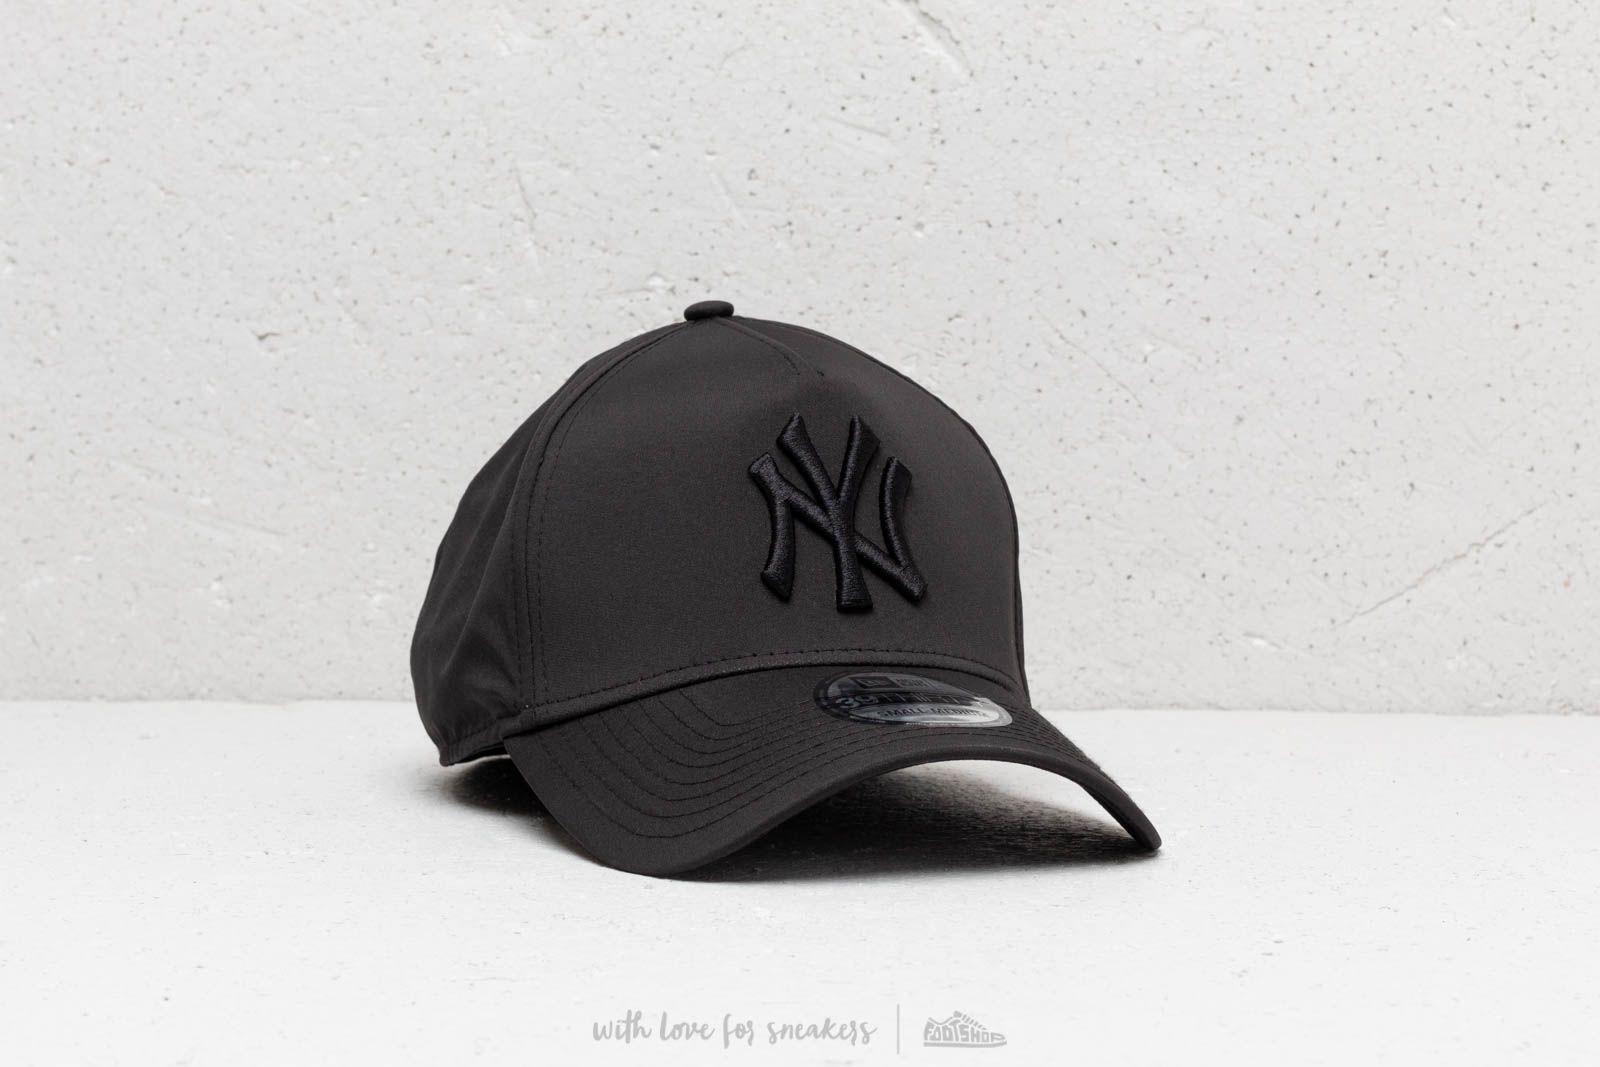 fa57f8881b9 New Era 39Thirty MLB NY Yankees Cap Black